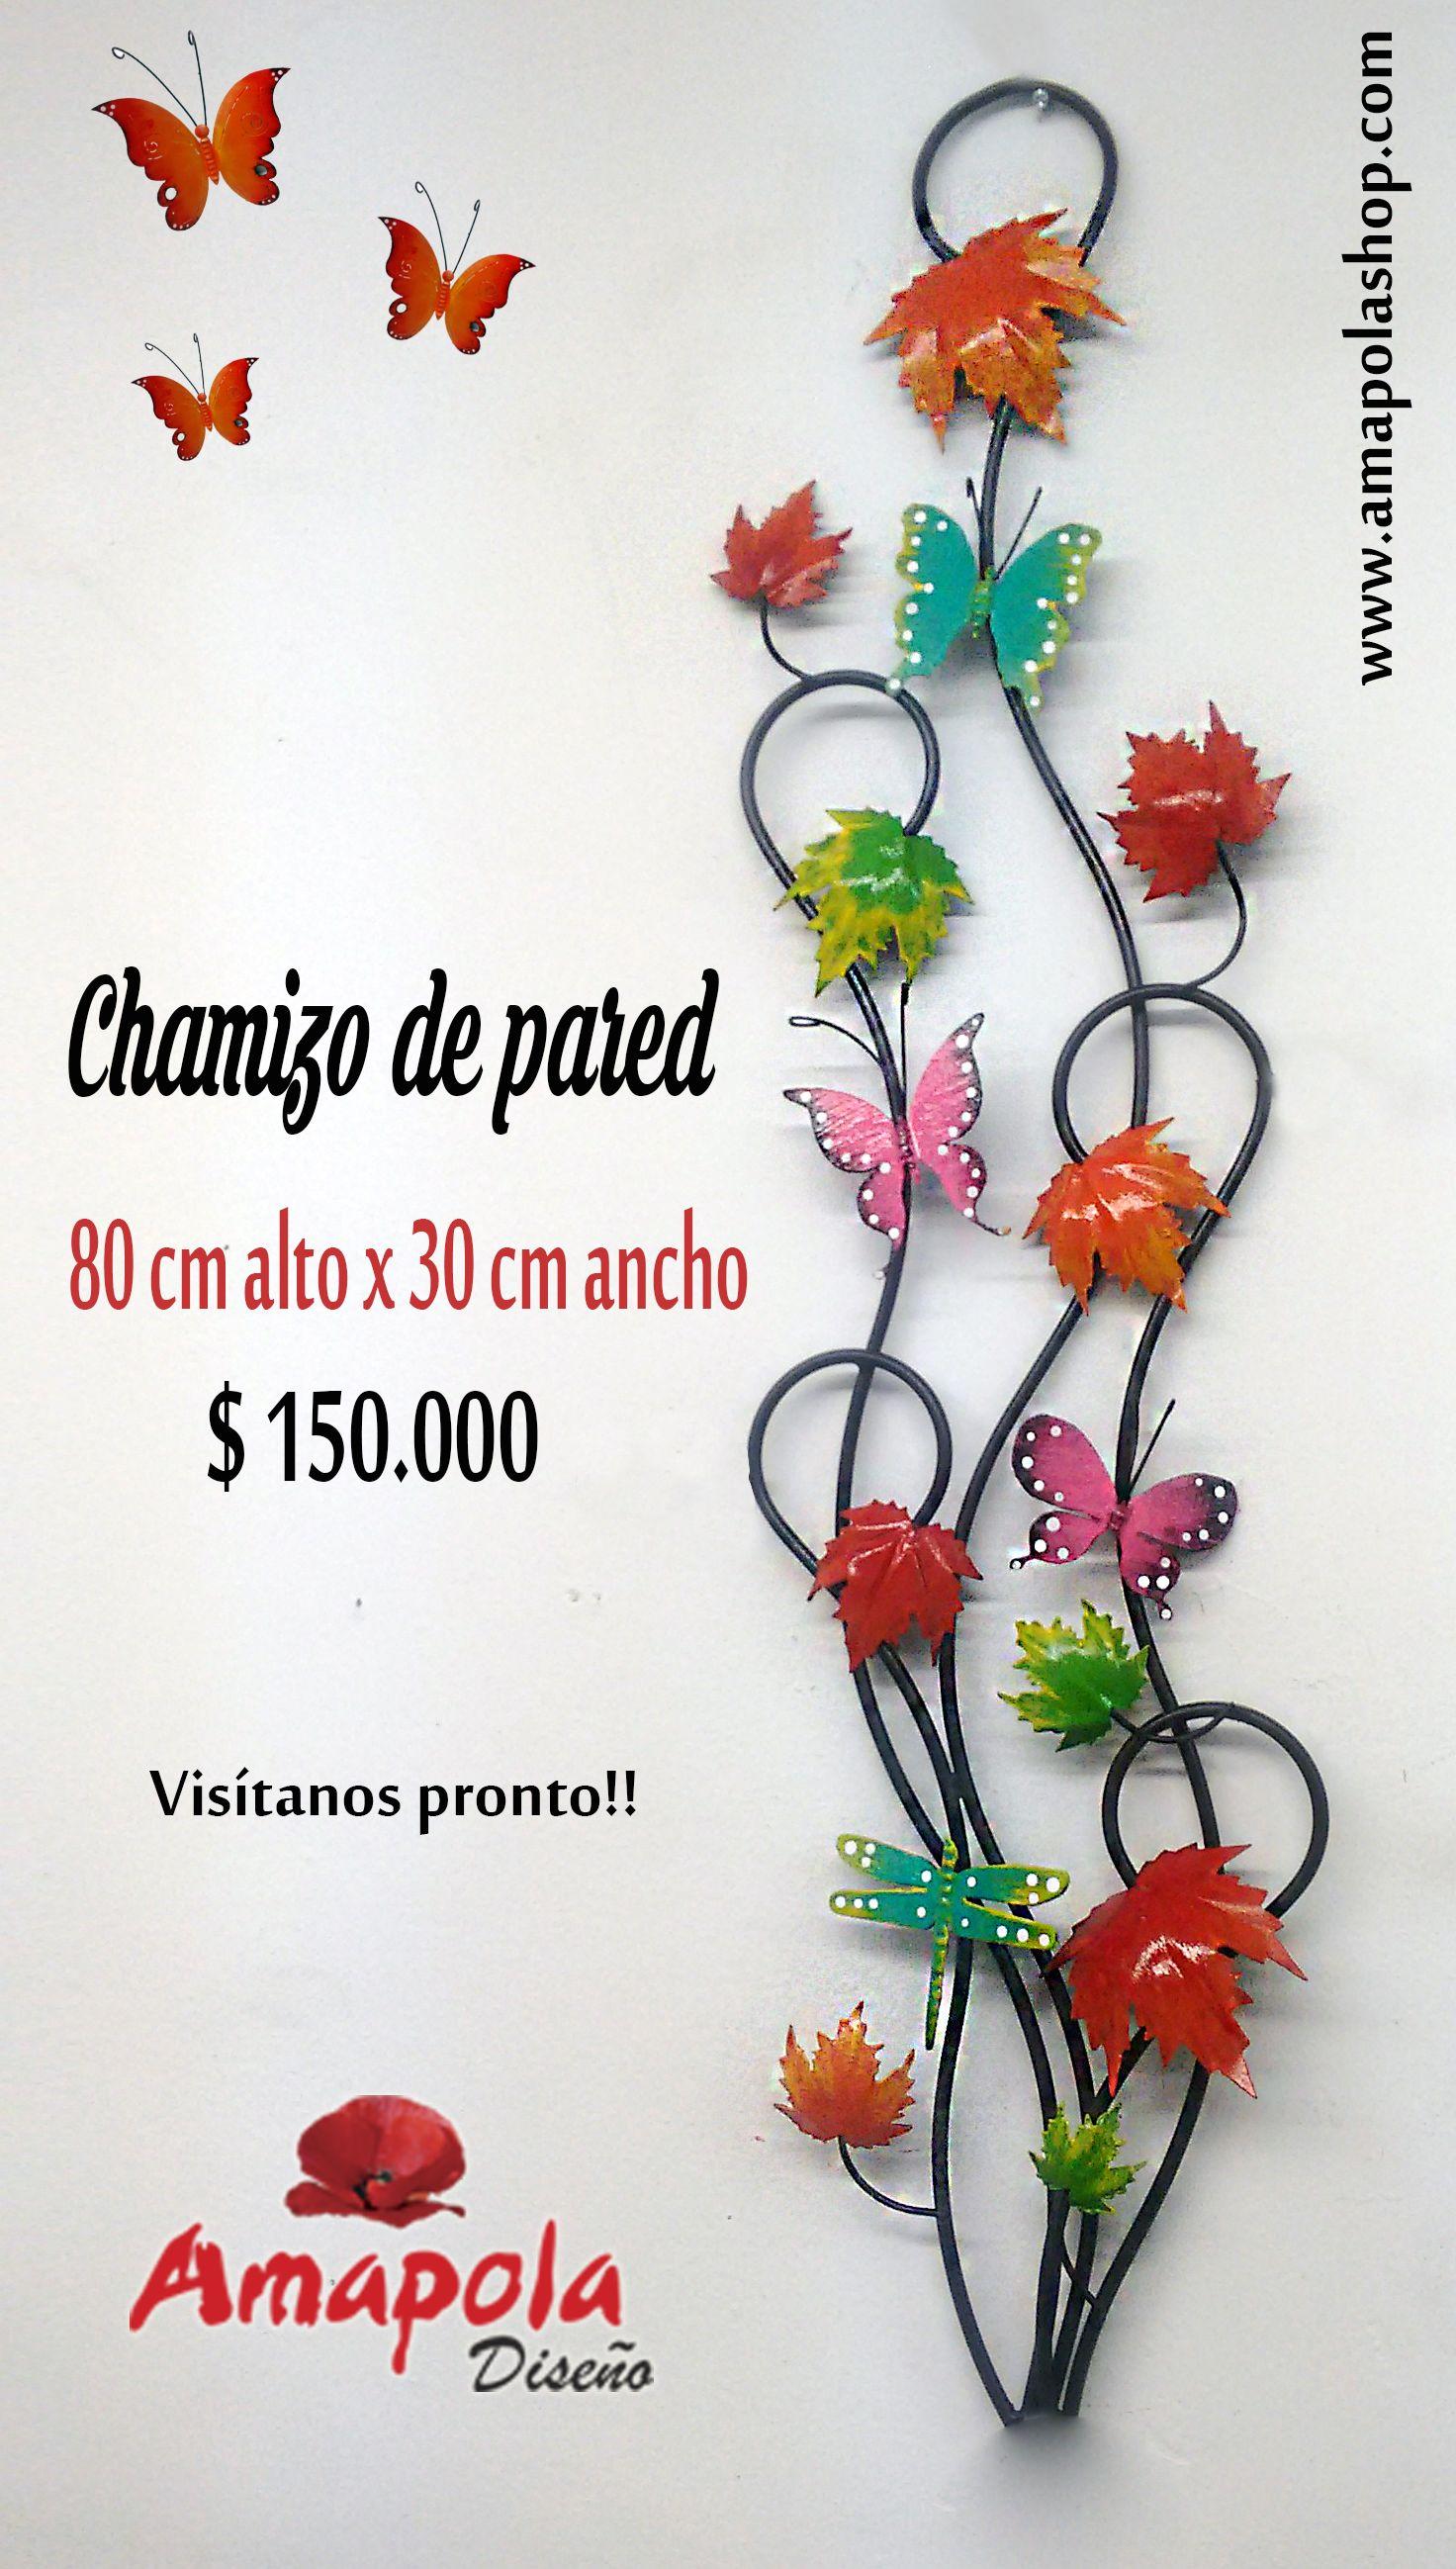 Chamizo decoraci n hojas oto o y mariposas metal hierro - Decoracion con mariposas ...